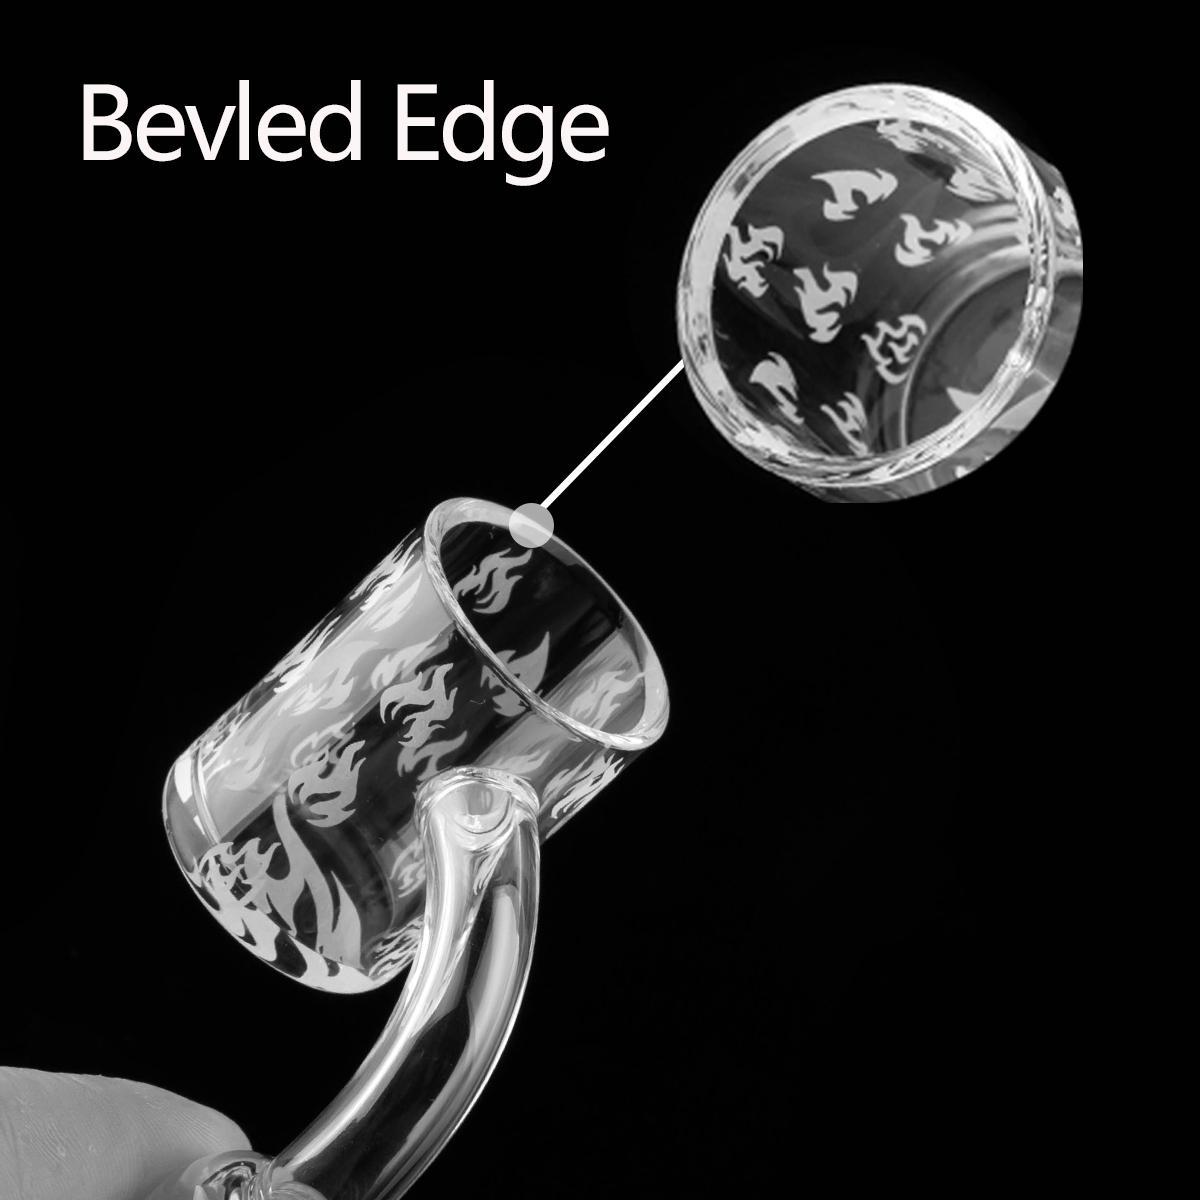 100% Réel Quartz Banger Femelle Mâle Degrés quartz 10mm 14mm 18mm Ongles Sans Domicile 90 Degrés Quartz Danger Nail Dab Rig